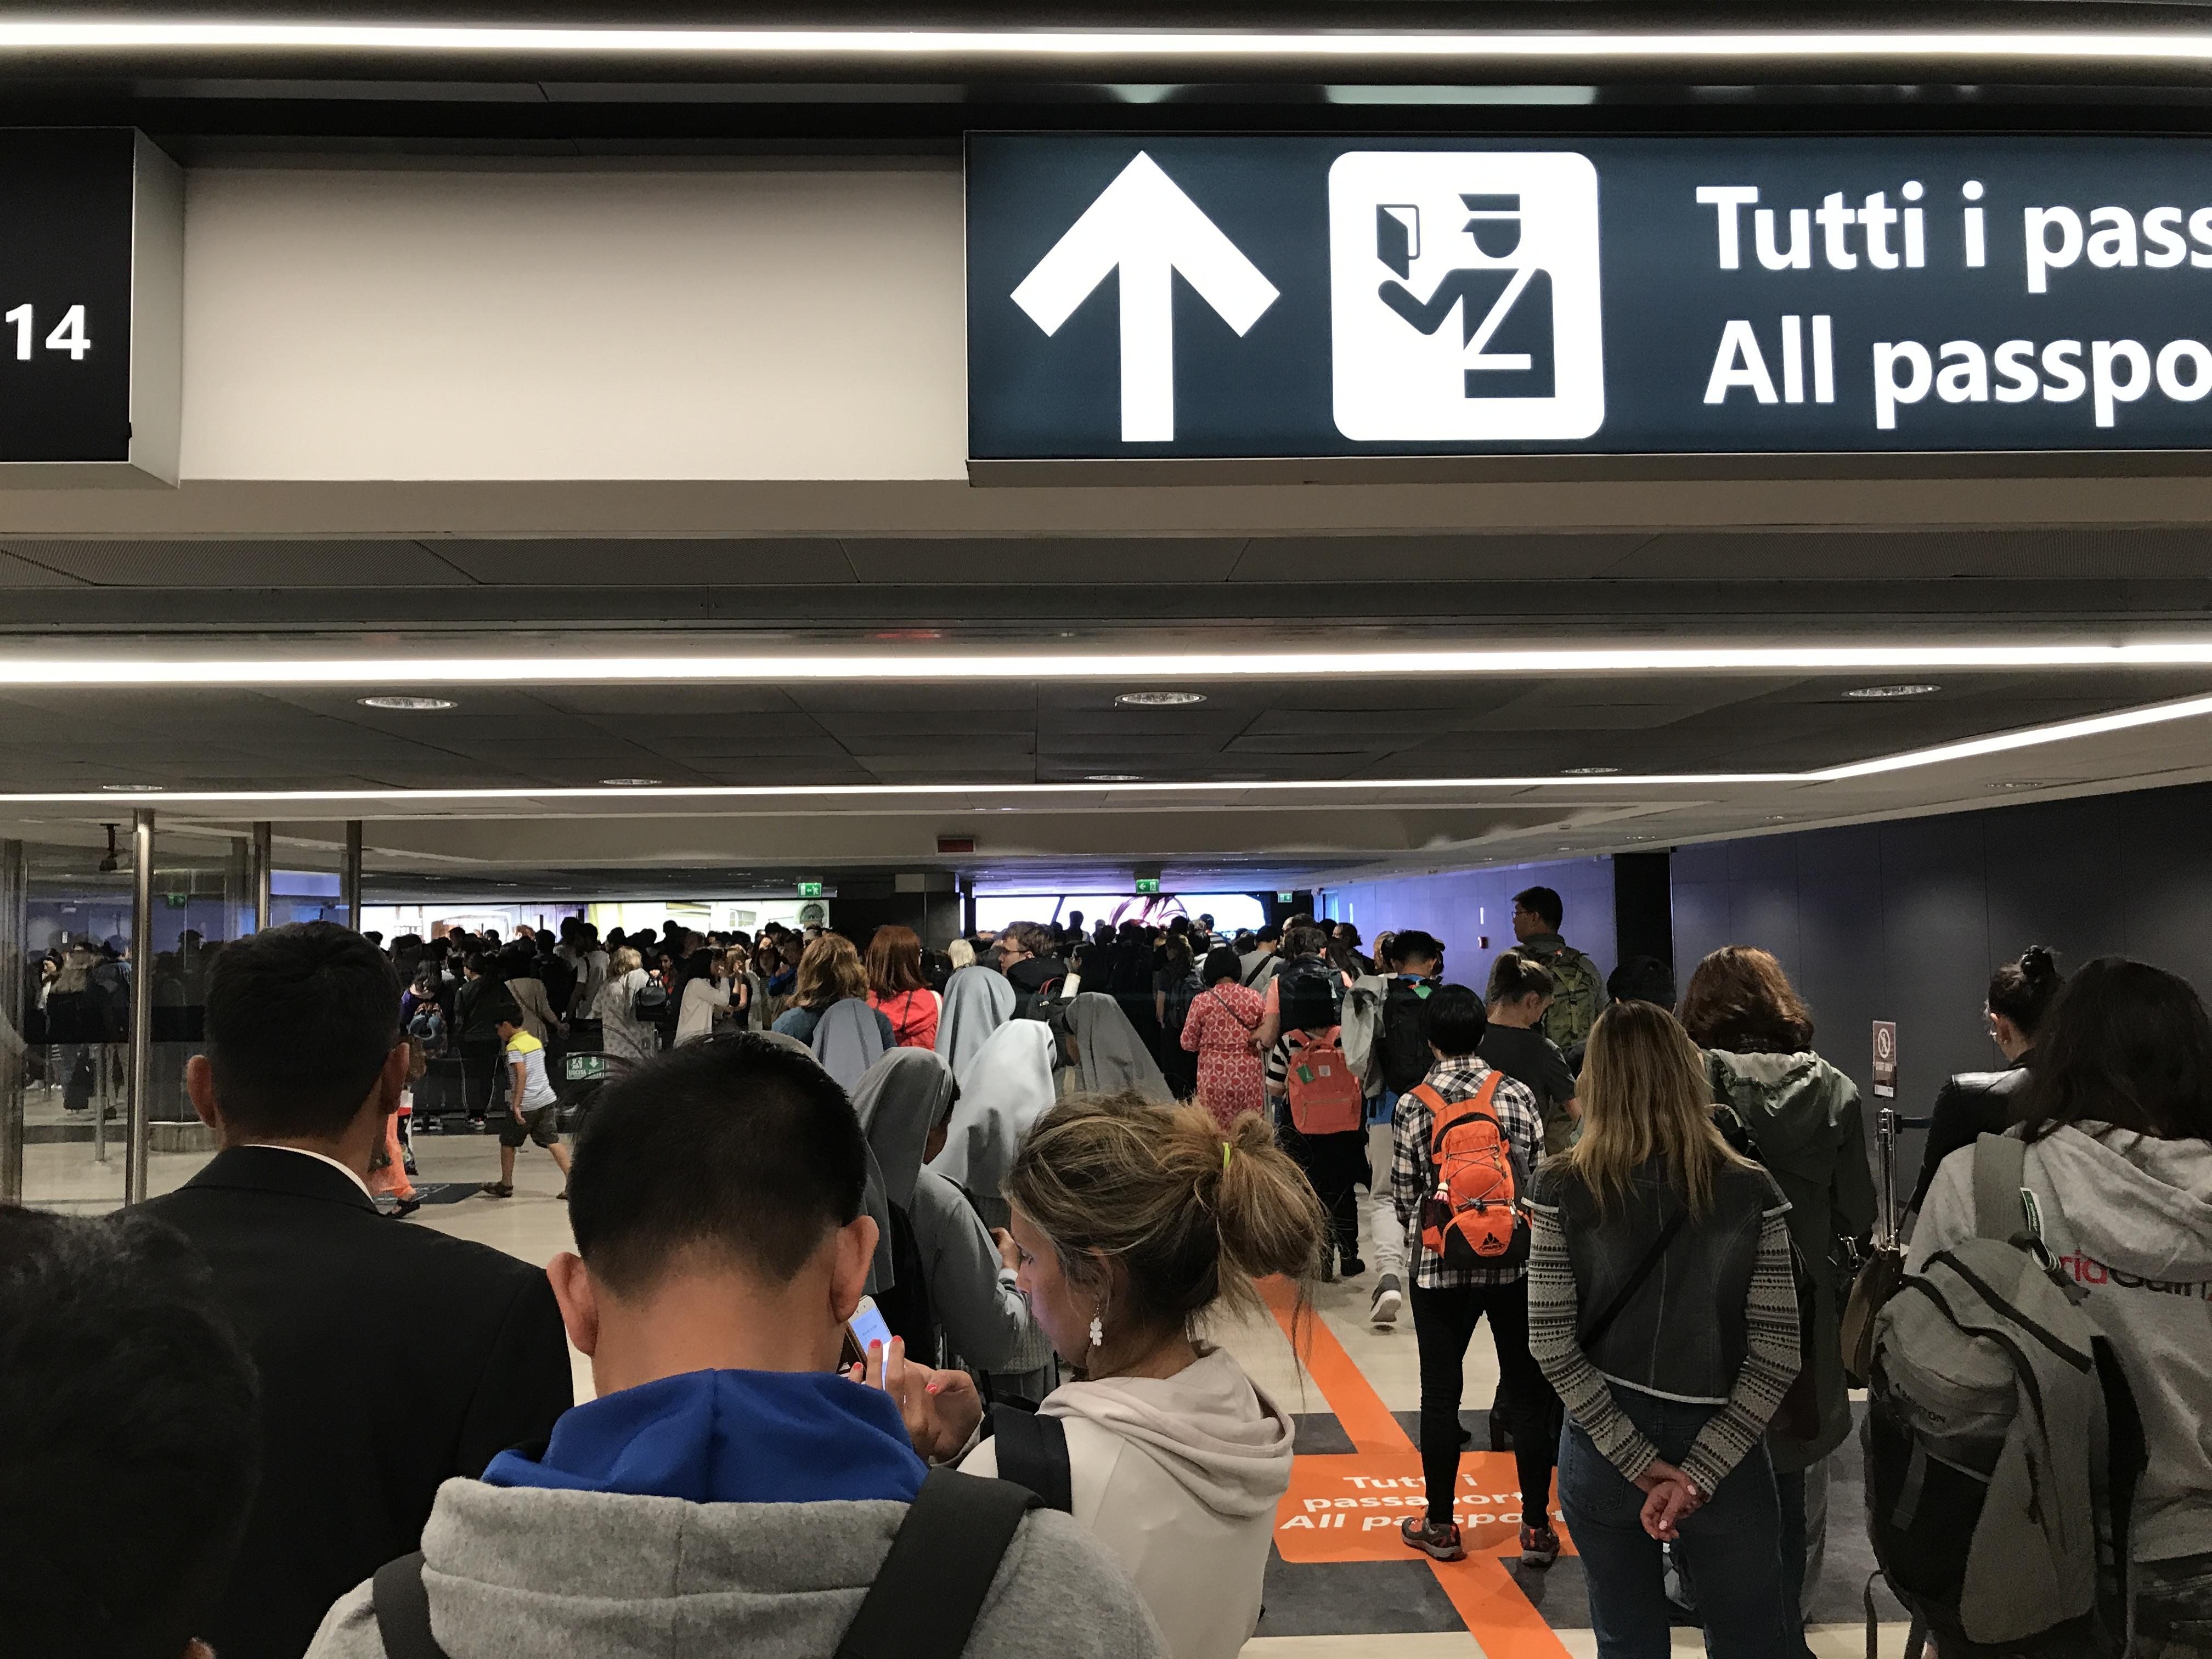 vliegveld in rome